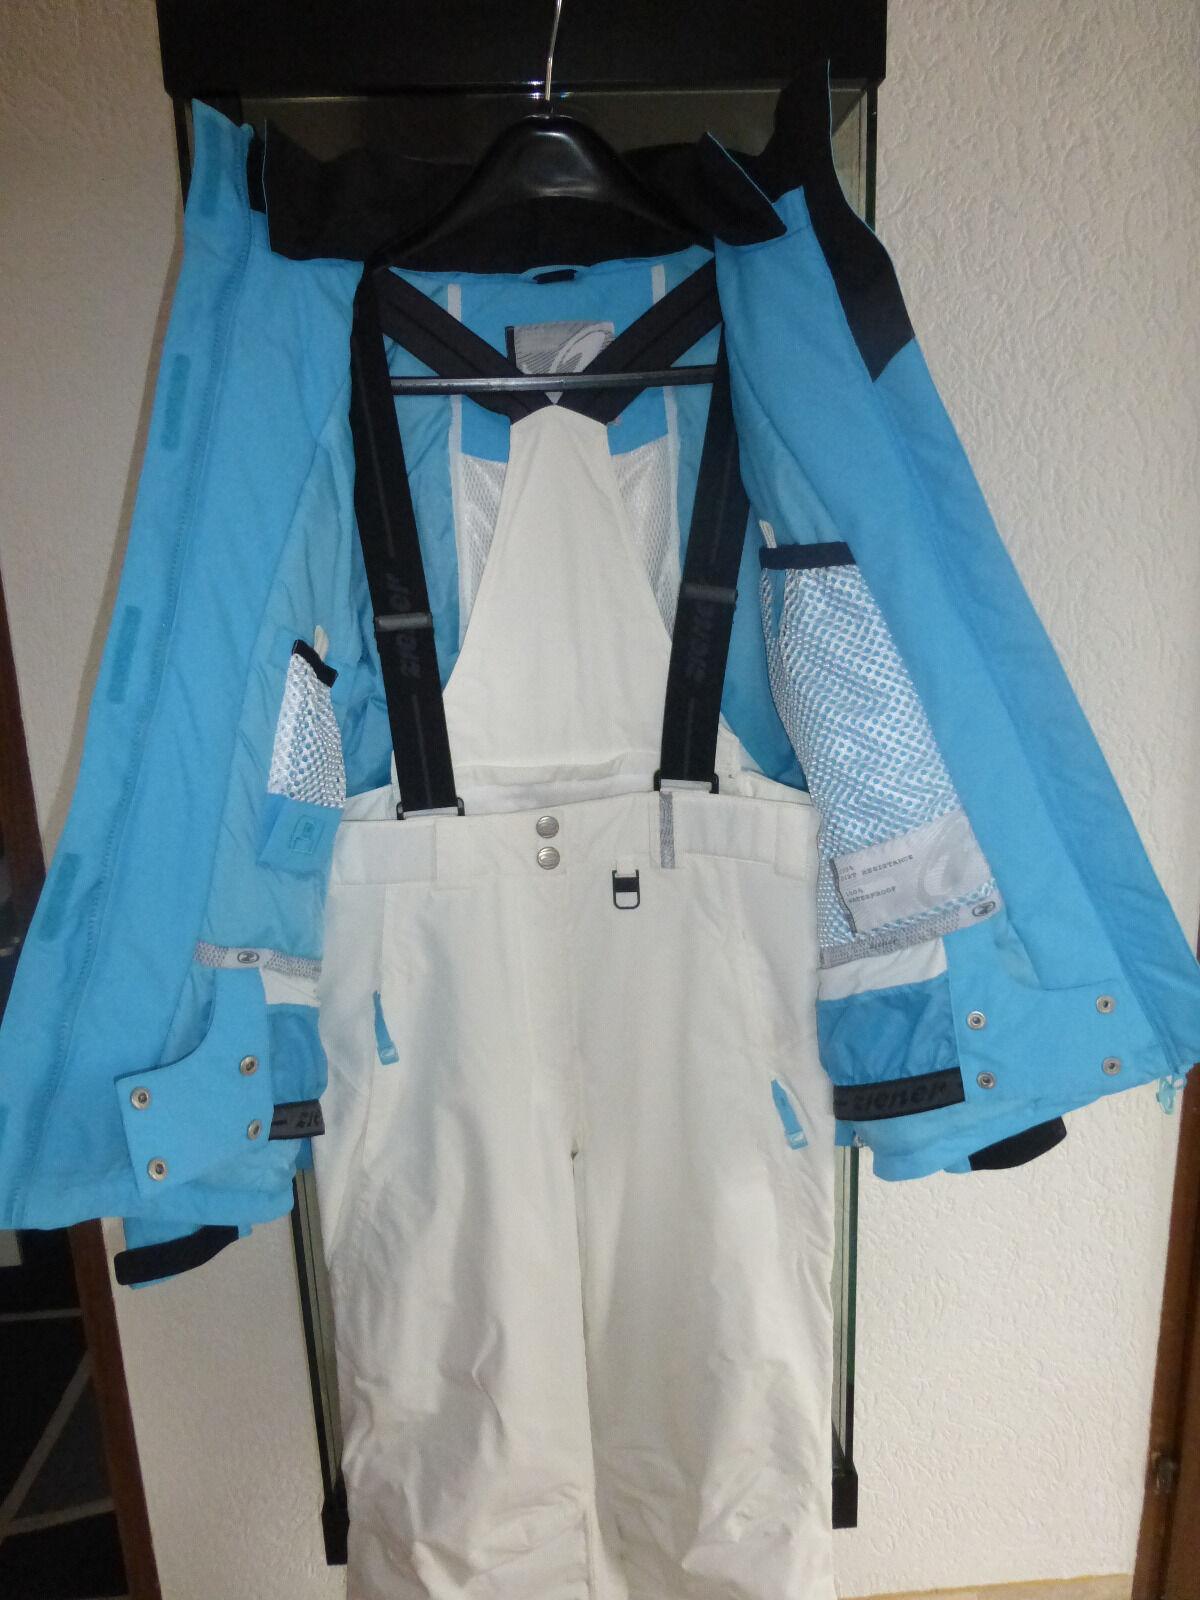 Ziener Damen Skianzug Neu und und und ungetragen Größe 40 Farbe  blau weiß b8568a